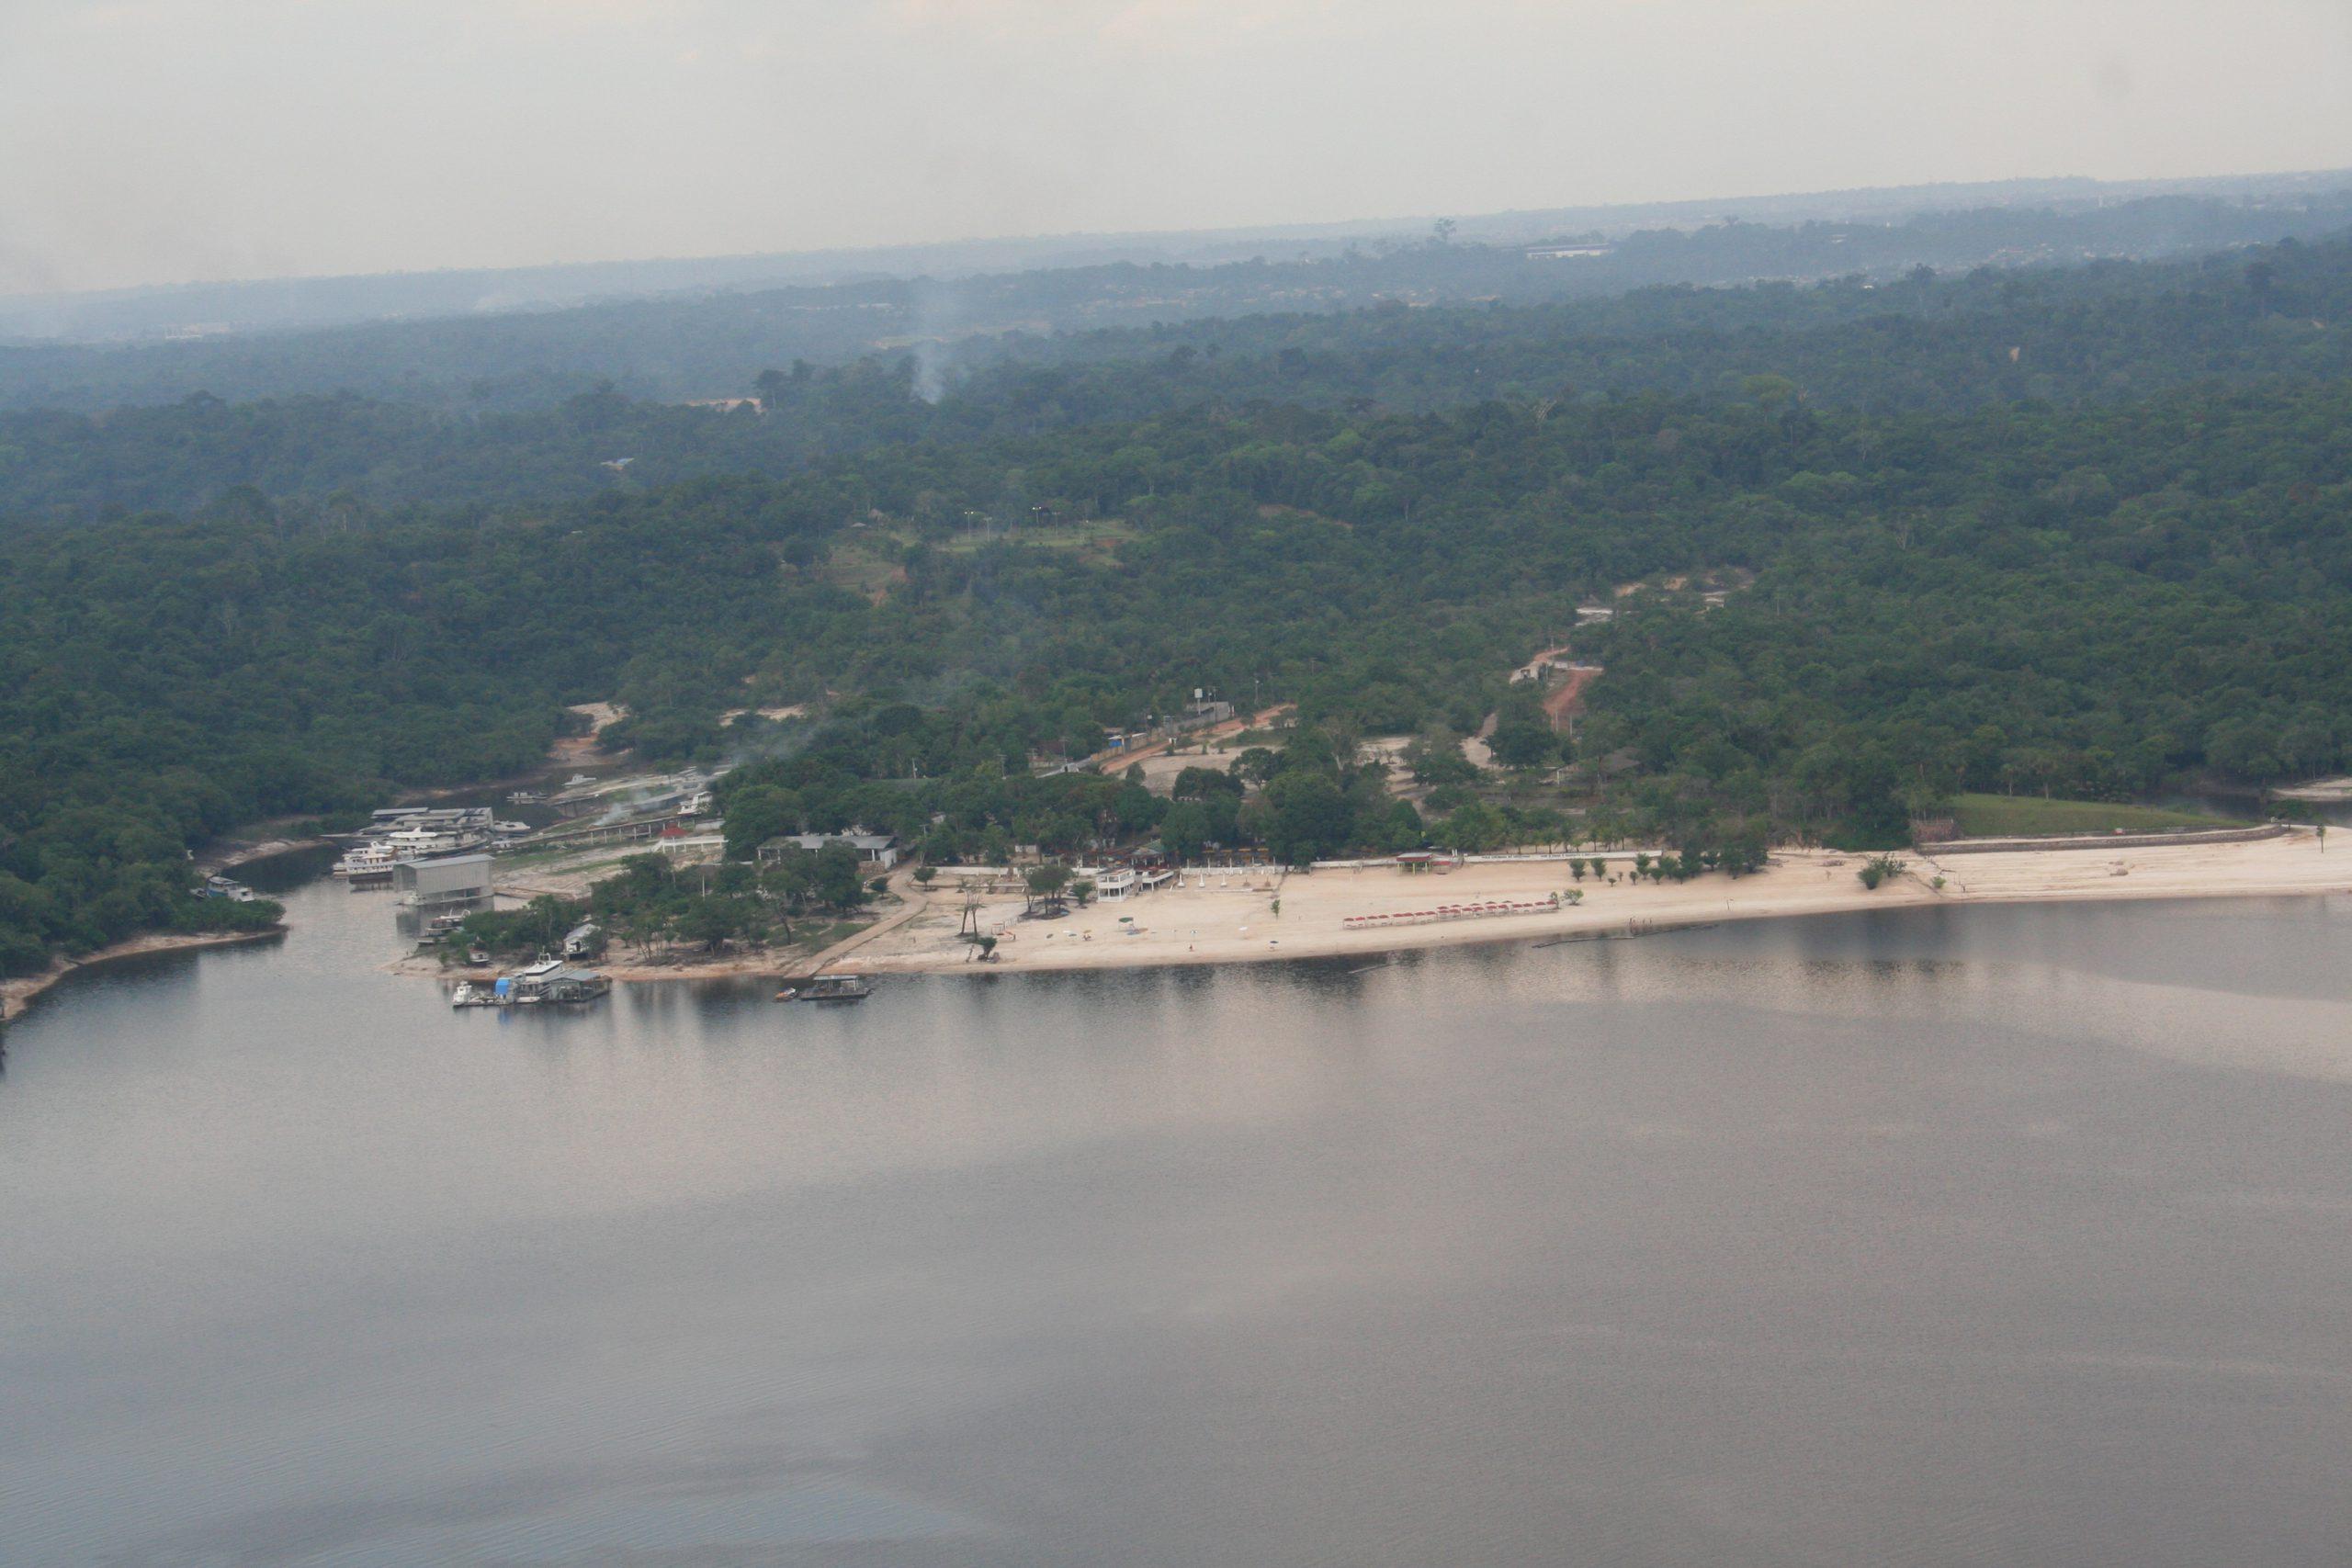 Fotografia aérea da Praia Dourada - Instituto Durango Duarte 2007